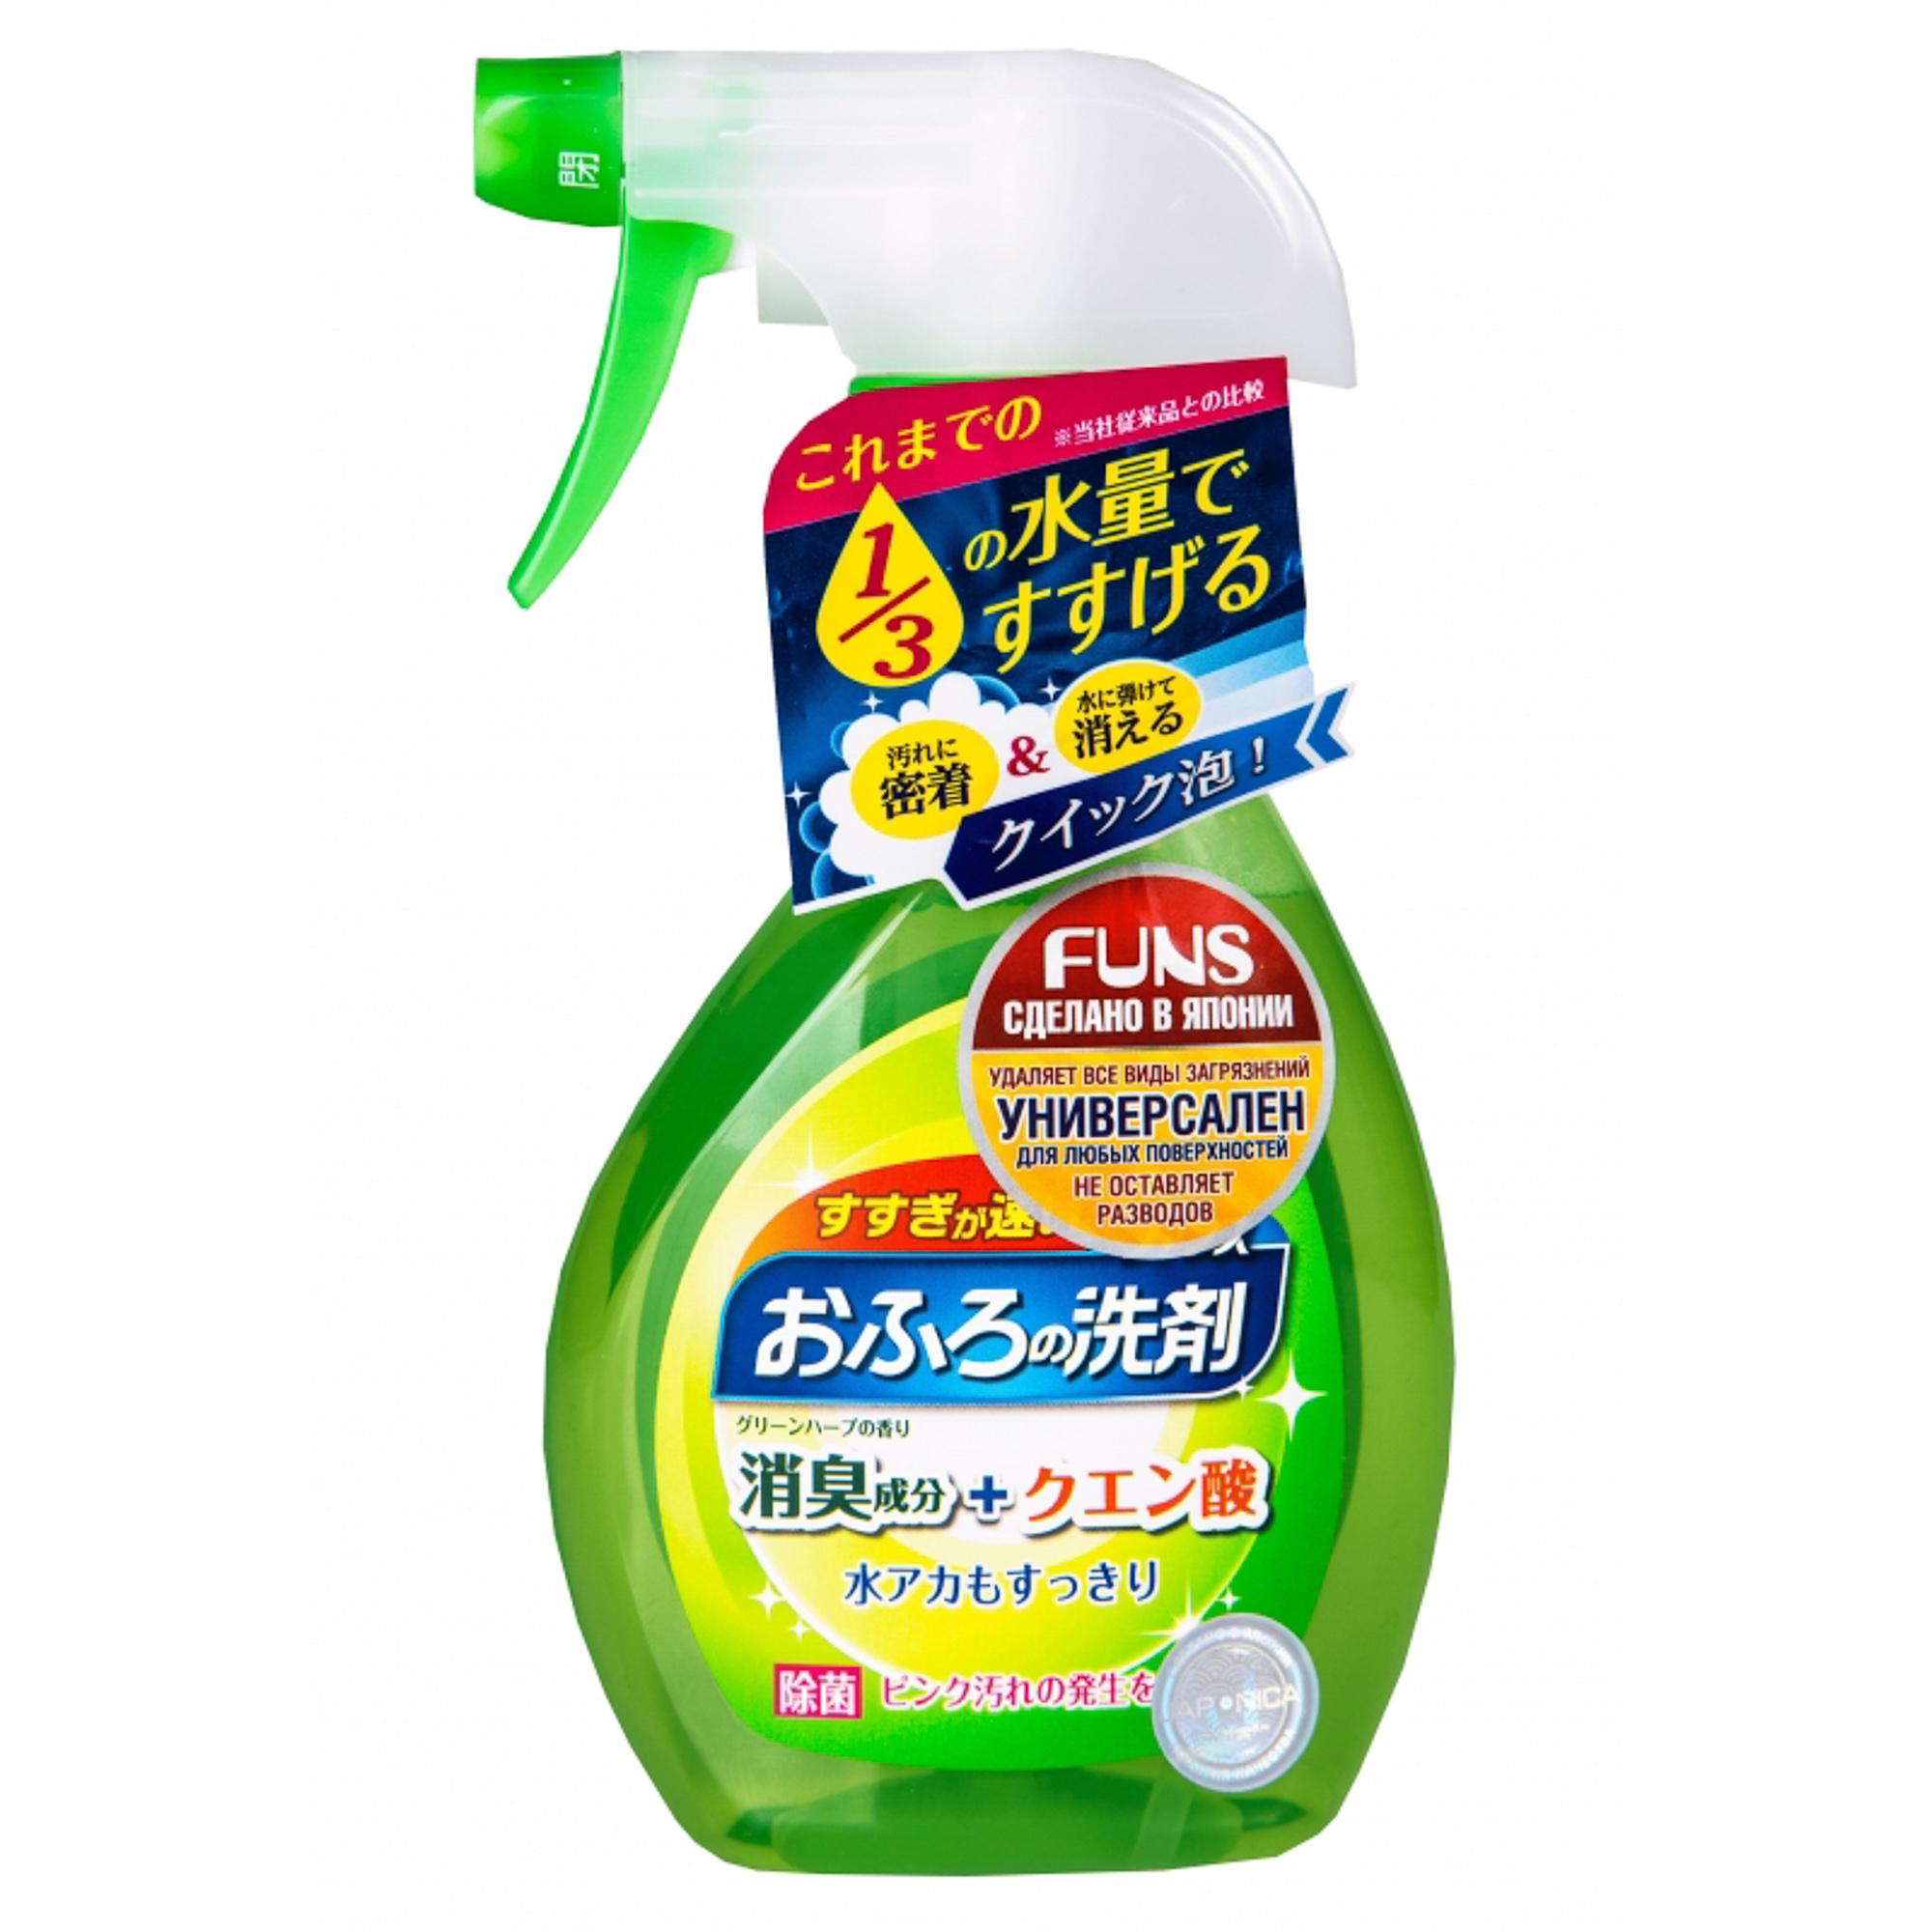 Фото - Спрей Funs для ванной с ароматом зелени 380 мл funs спрей для ванной комнаты с ароматом апельсина и мяты 0 38 л